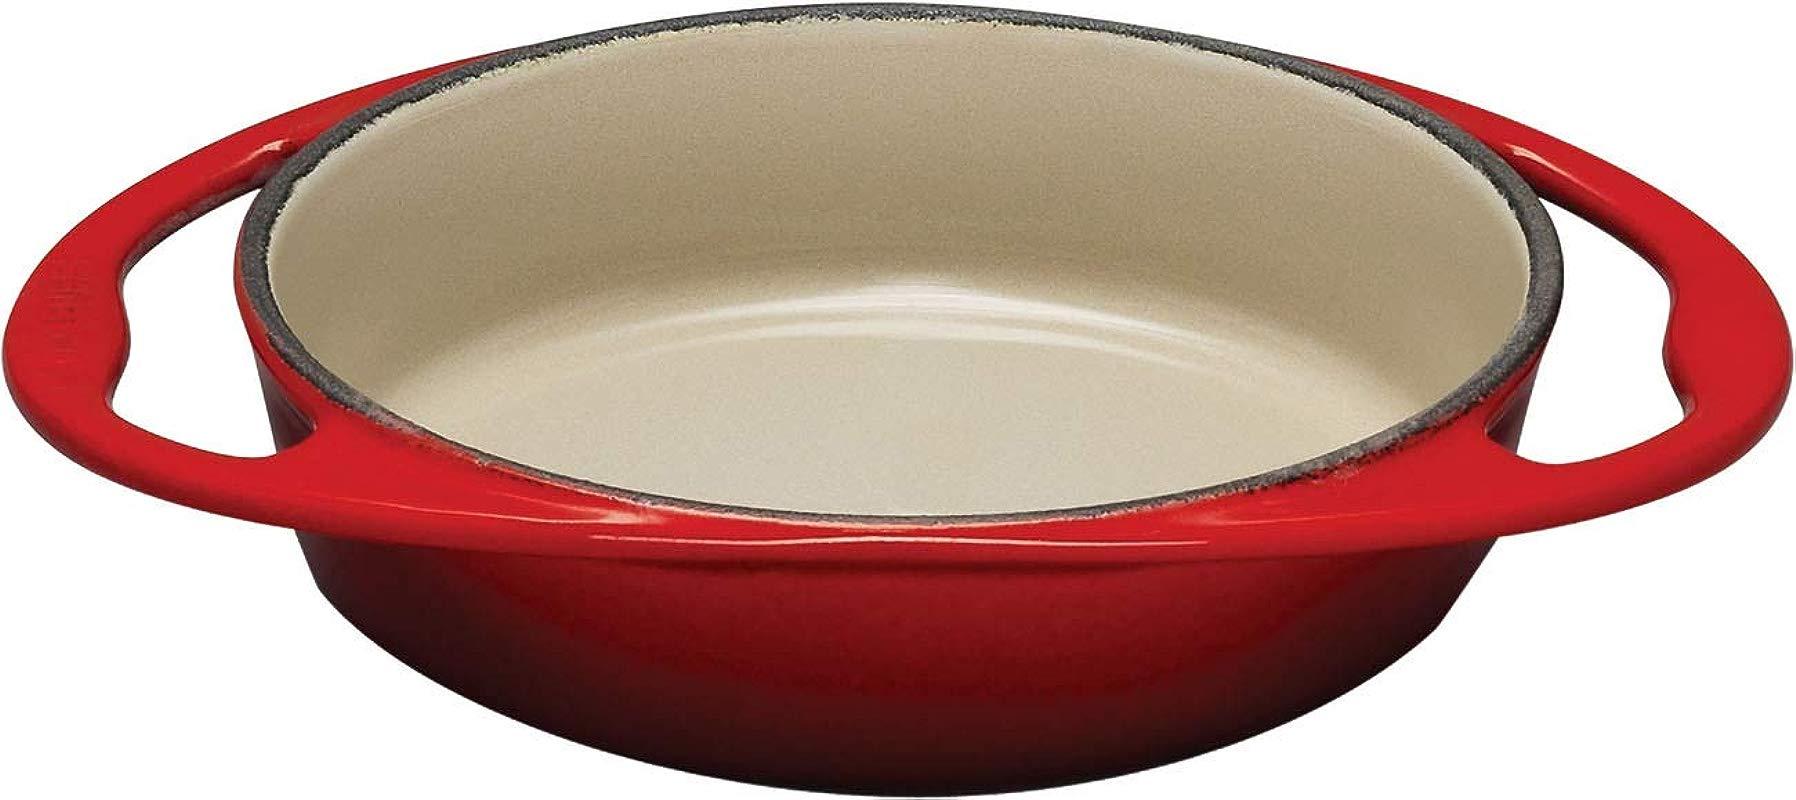 Le Creuset L2129 2567 Enameled Cast Iron Tatin Dish 2 Quart Cherry Red